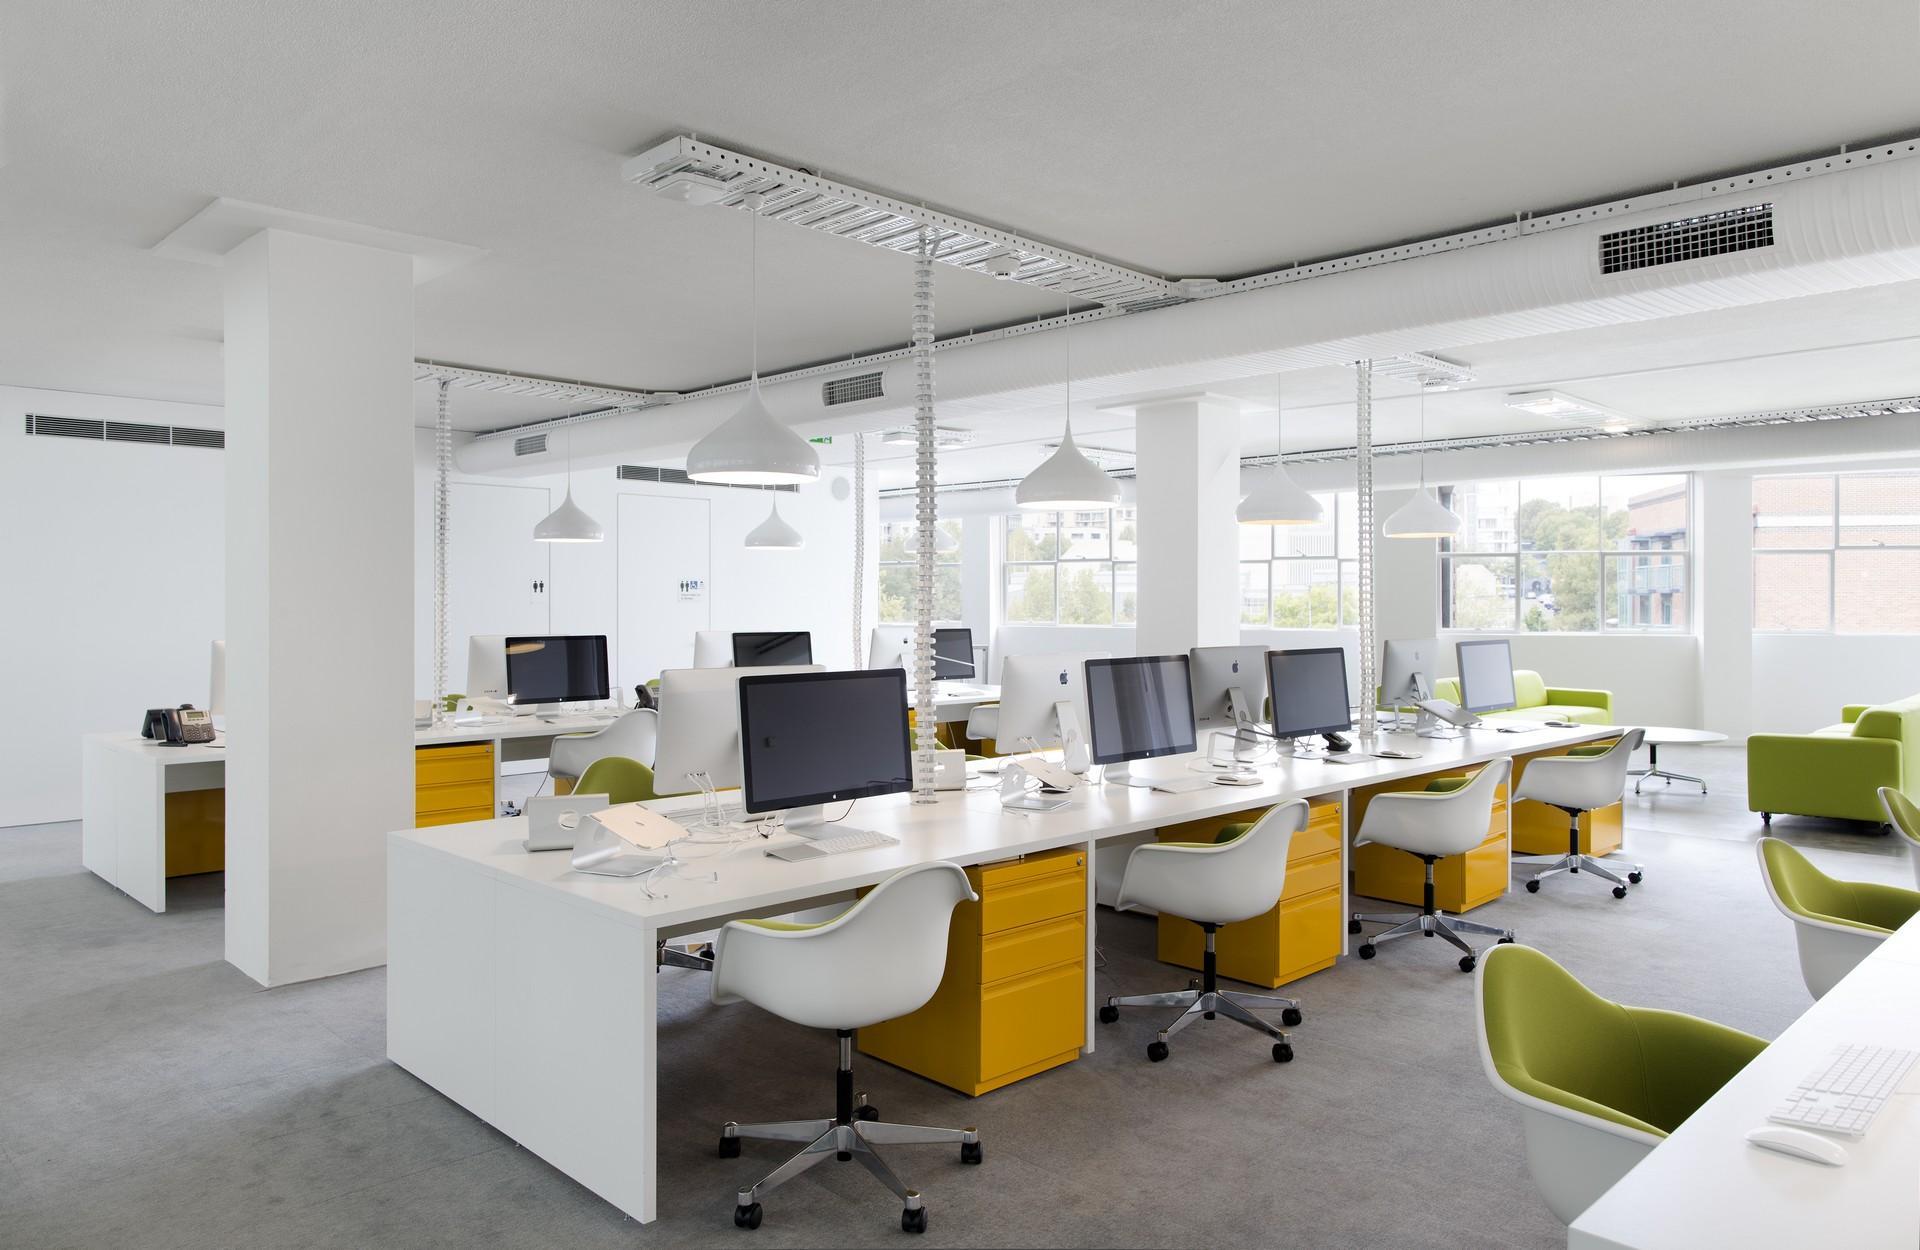 Thiết kế dự án nội thất văn phòng mang phong cách hiện đại1